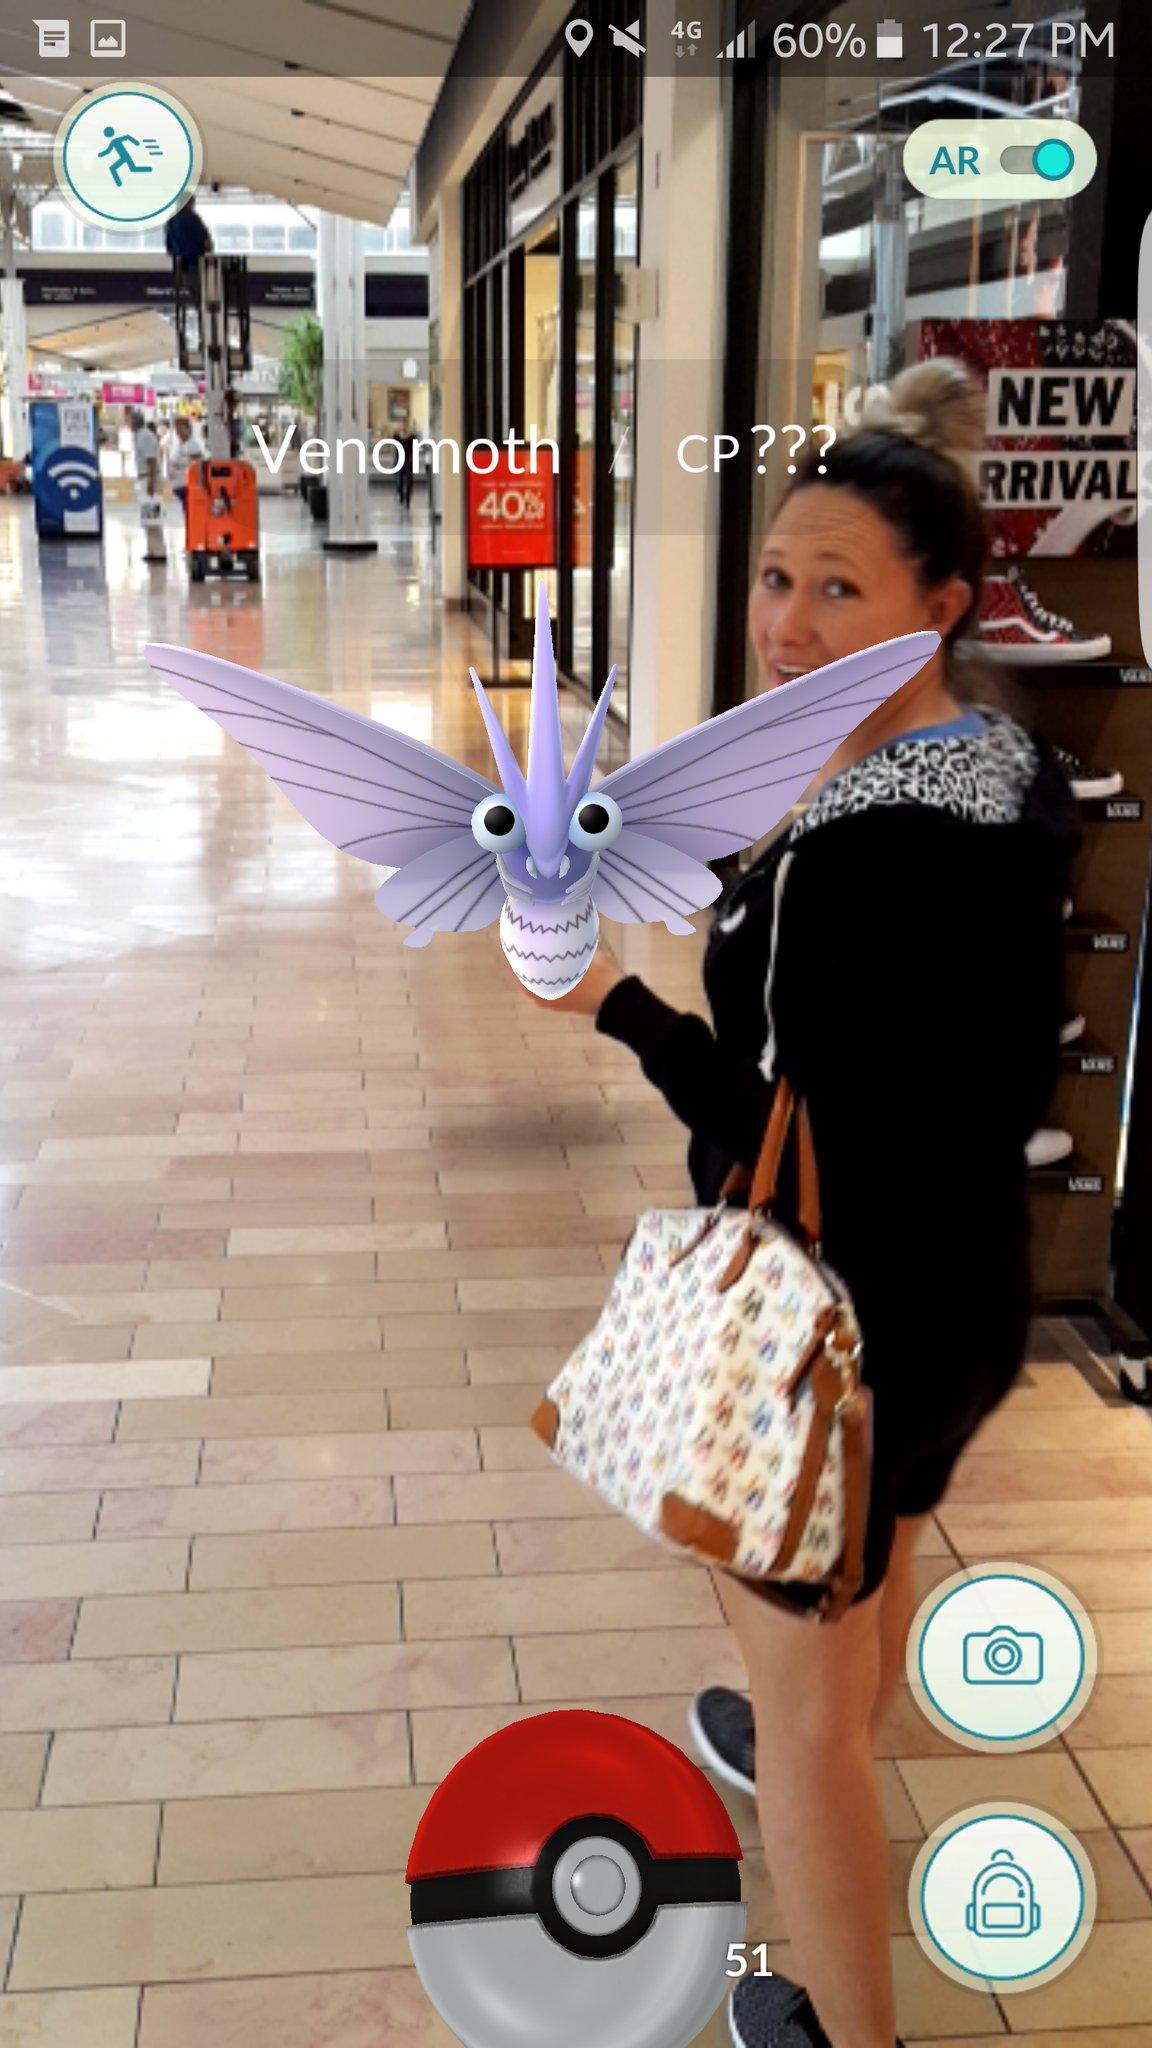 Pokémon Go - Venomoth no Shopping Center